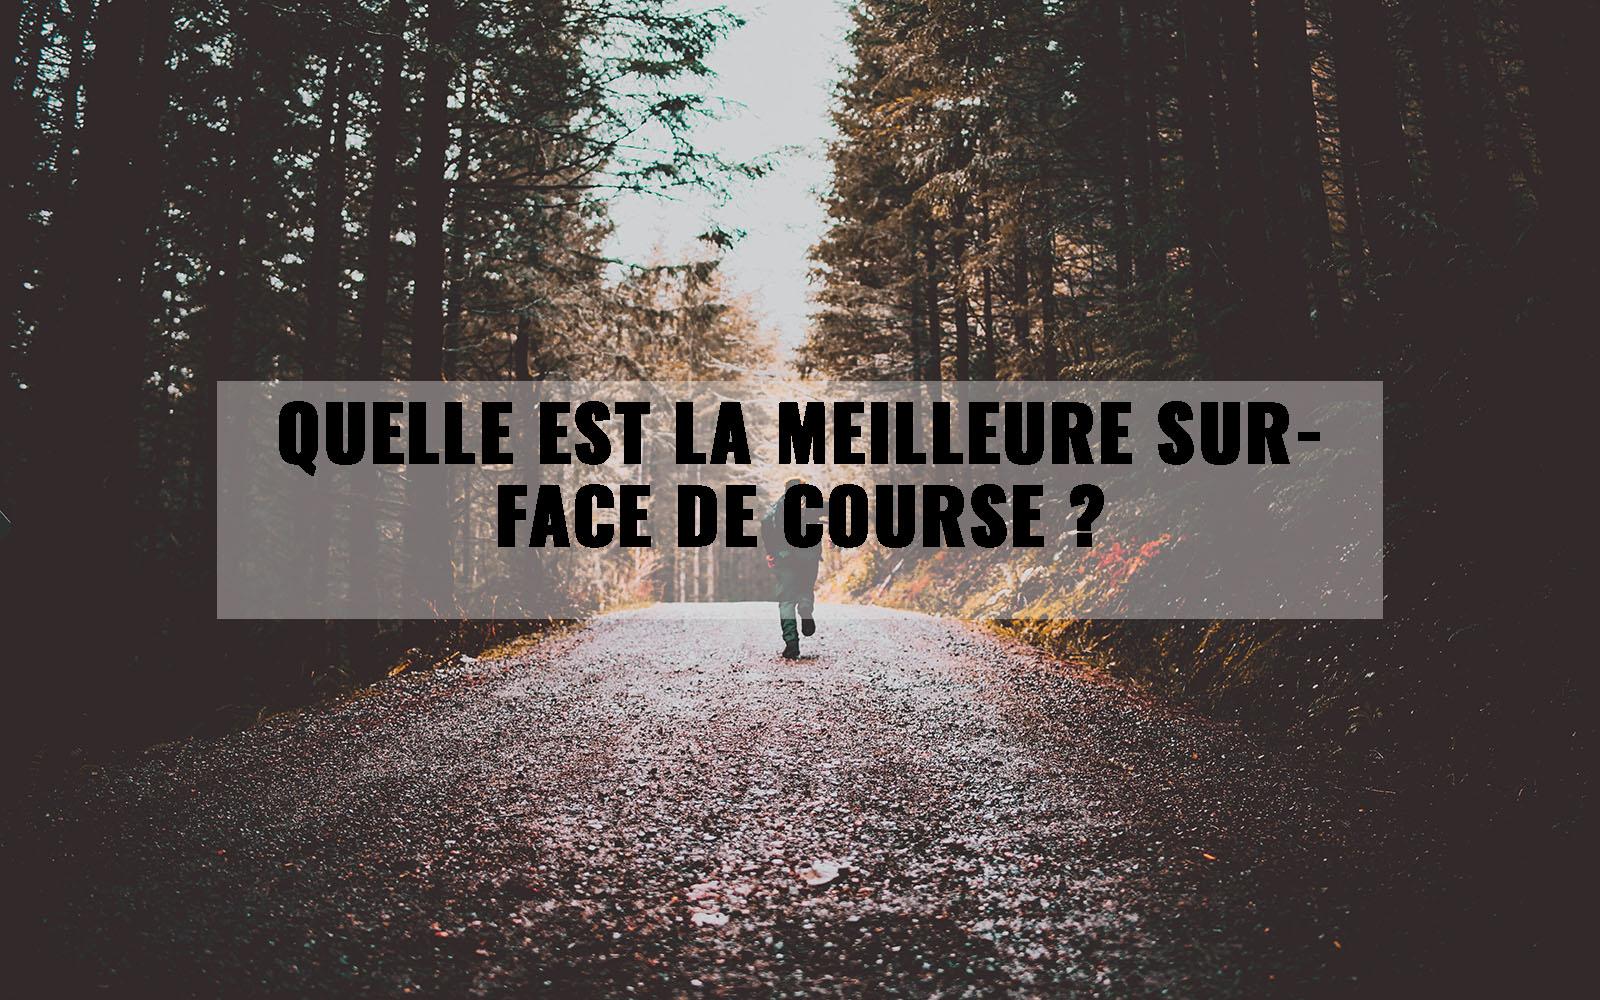 Quelle est la meilleure surface de course ?